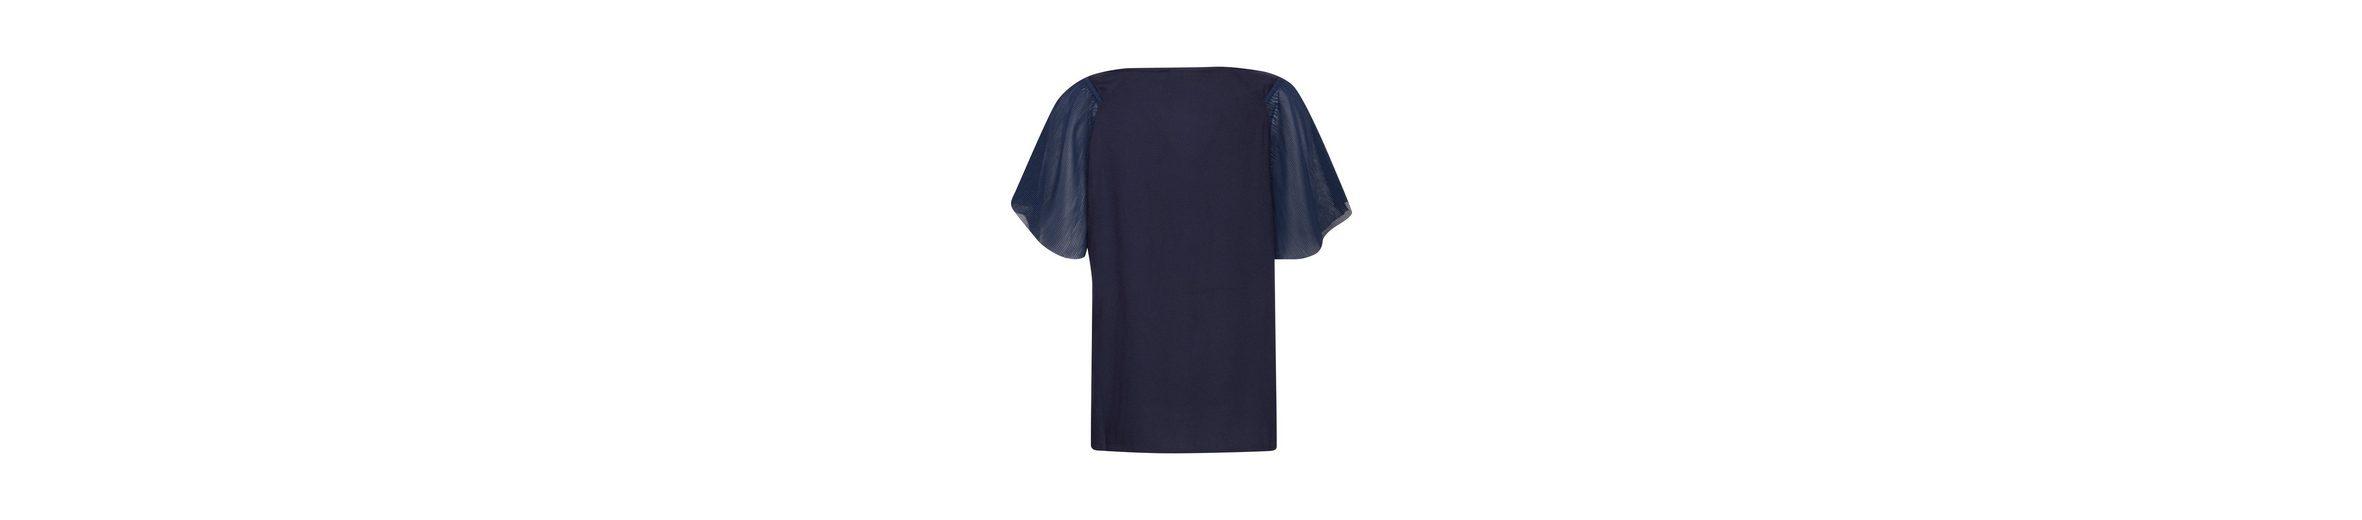 fransa T-Shirt Nasilky 2 Spielraum Breite Palette Von YBoufWK